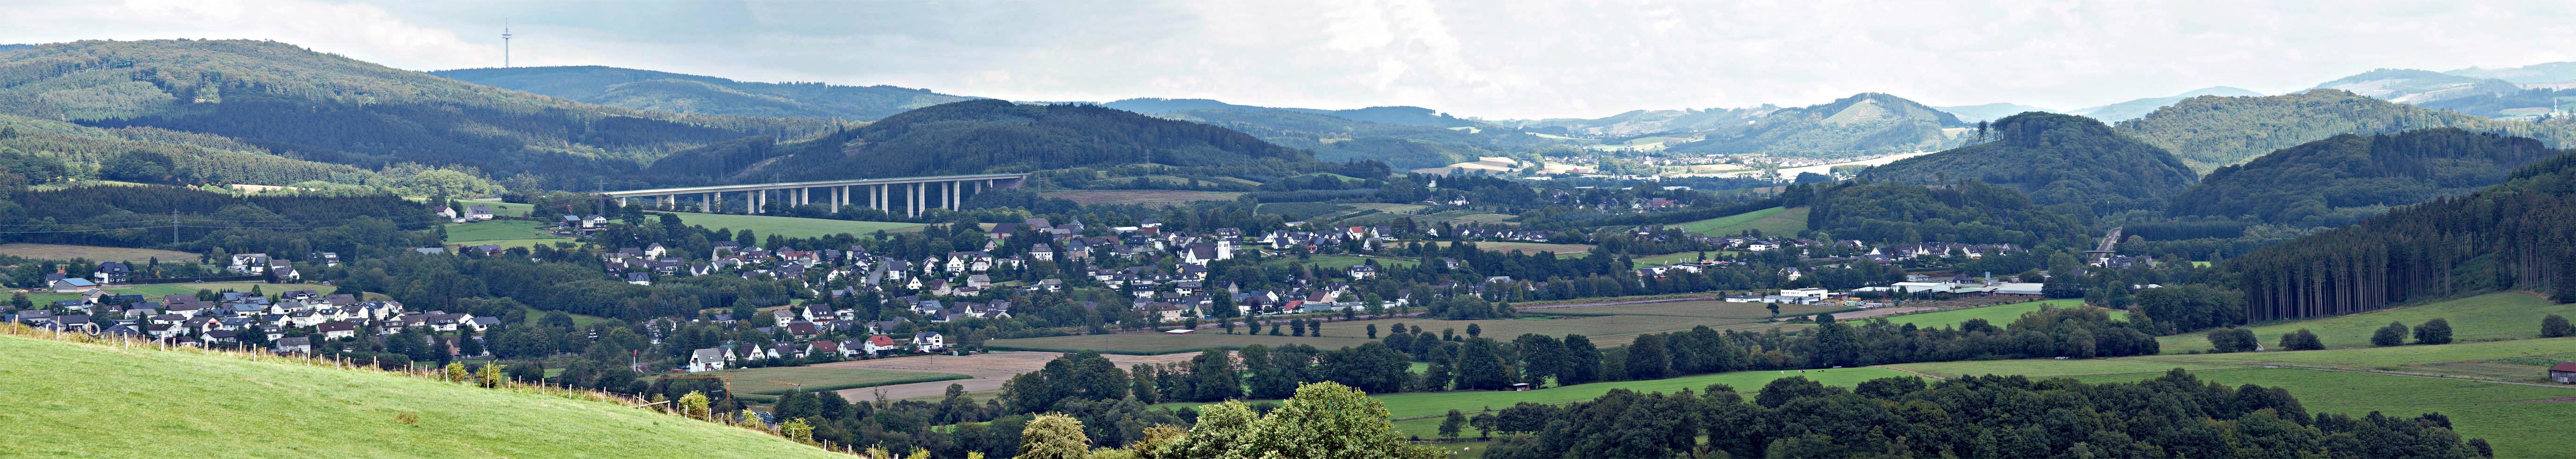 Panoramabild von Wennemen